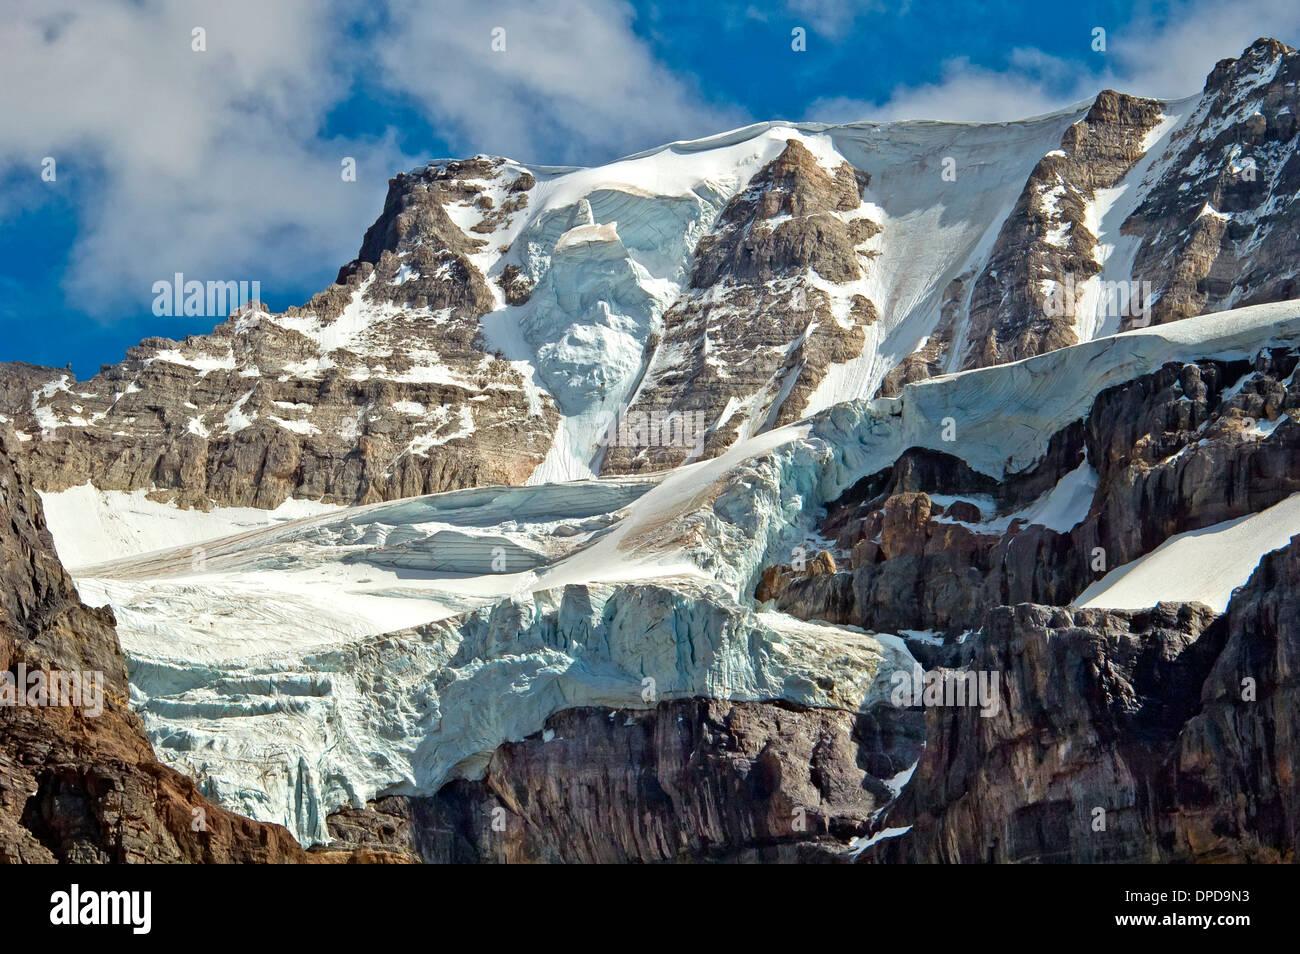 Mountain Glacier, Canadian Rockies in Alberta, Canada - Stock Image